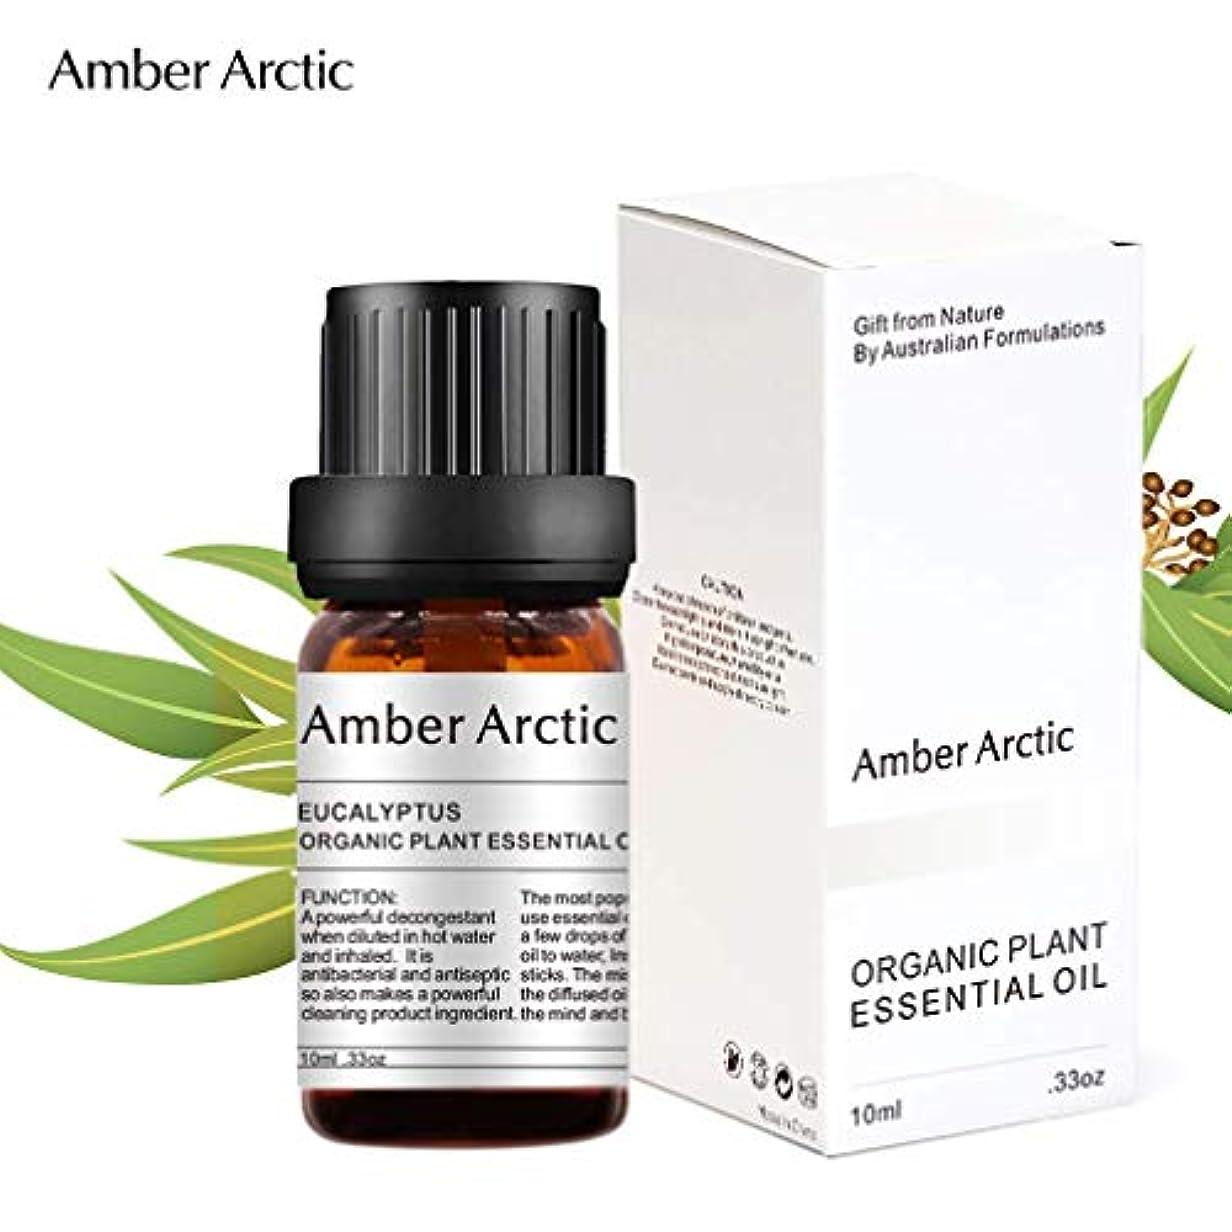 障害者文庫本郊外Amber Arctic ユーカリ エッセンシャル オイル、 ディフューザー 用 100% 純粋 天然 アロマ ユーカリ オイル (10ミリリットル)